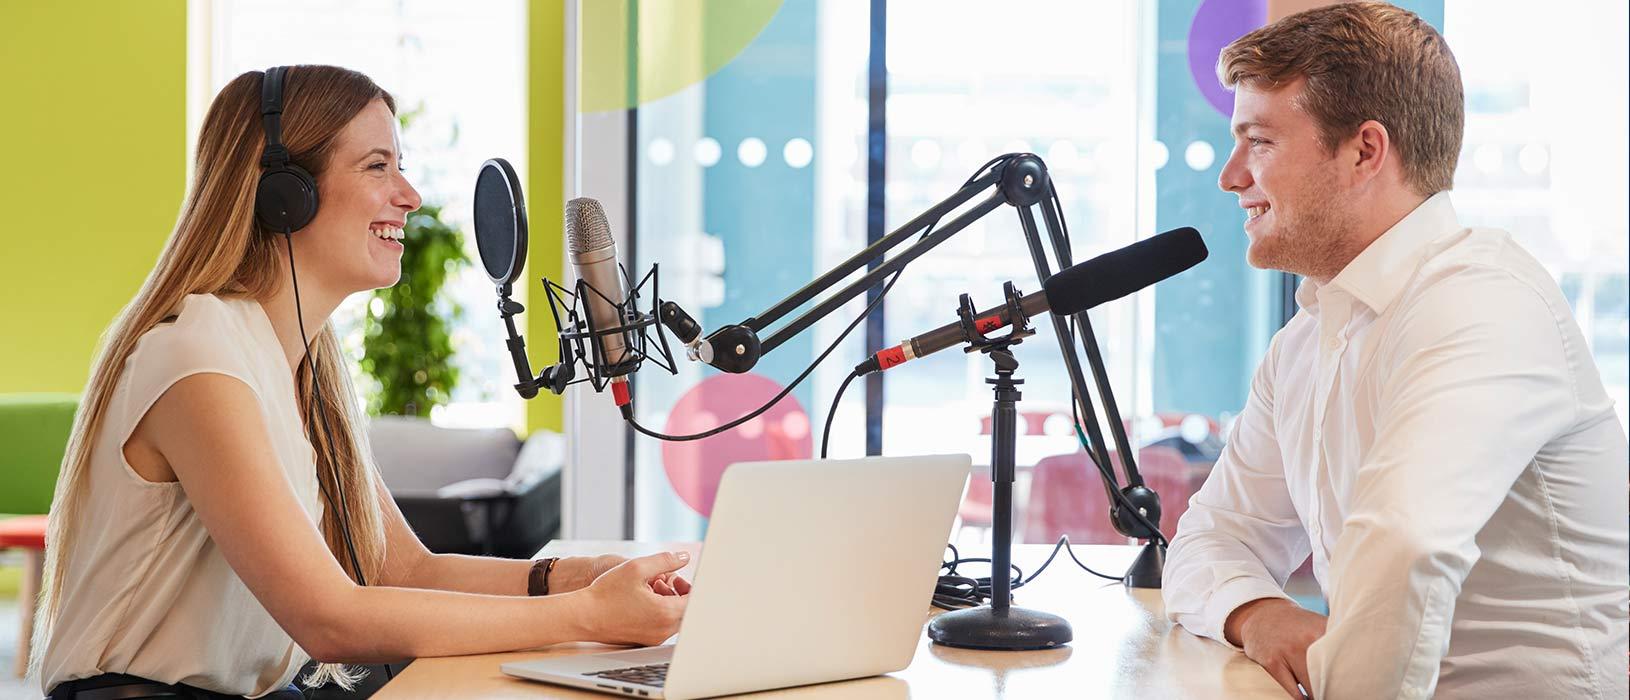 """Im Ruhrpodcast von und mit Frank """"Zepp"""" Oberpichler werden Themen aus dem Ruhrgebiet behandelt. Die Interviewpartner sind dabei so facettenreich wie das Ruhrgebier selbst. Foto: istock"""